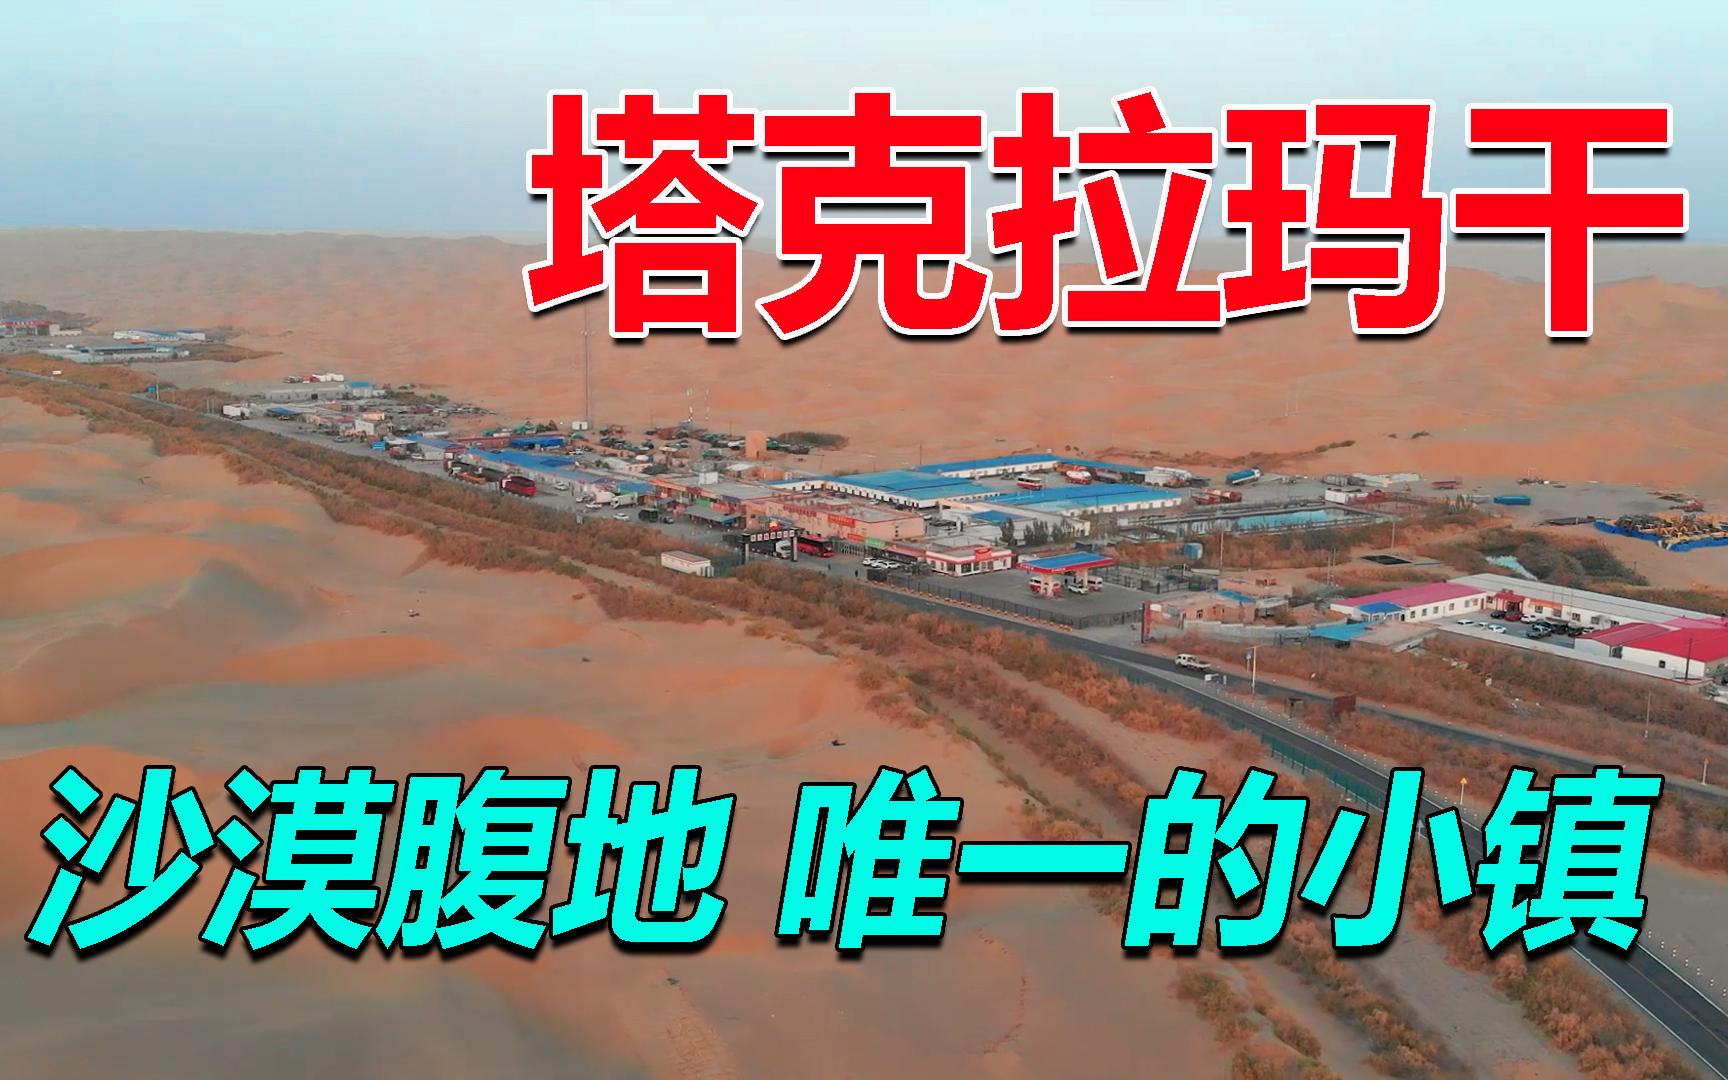 中国最大沙漠中唯一的小镇,方圆300里都被黄沙覆盖,实拍塔中镇